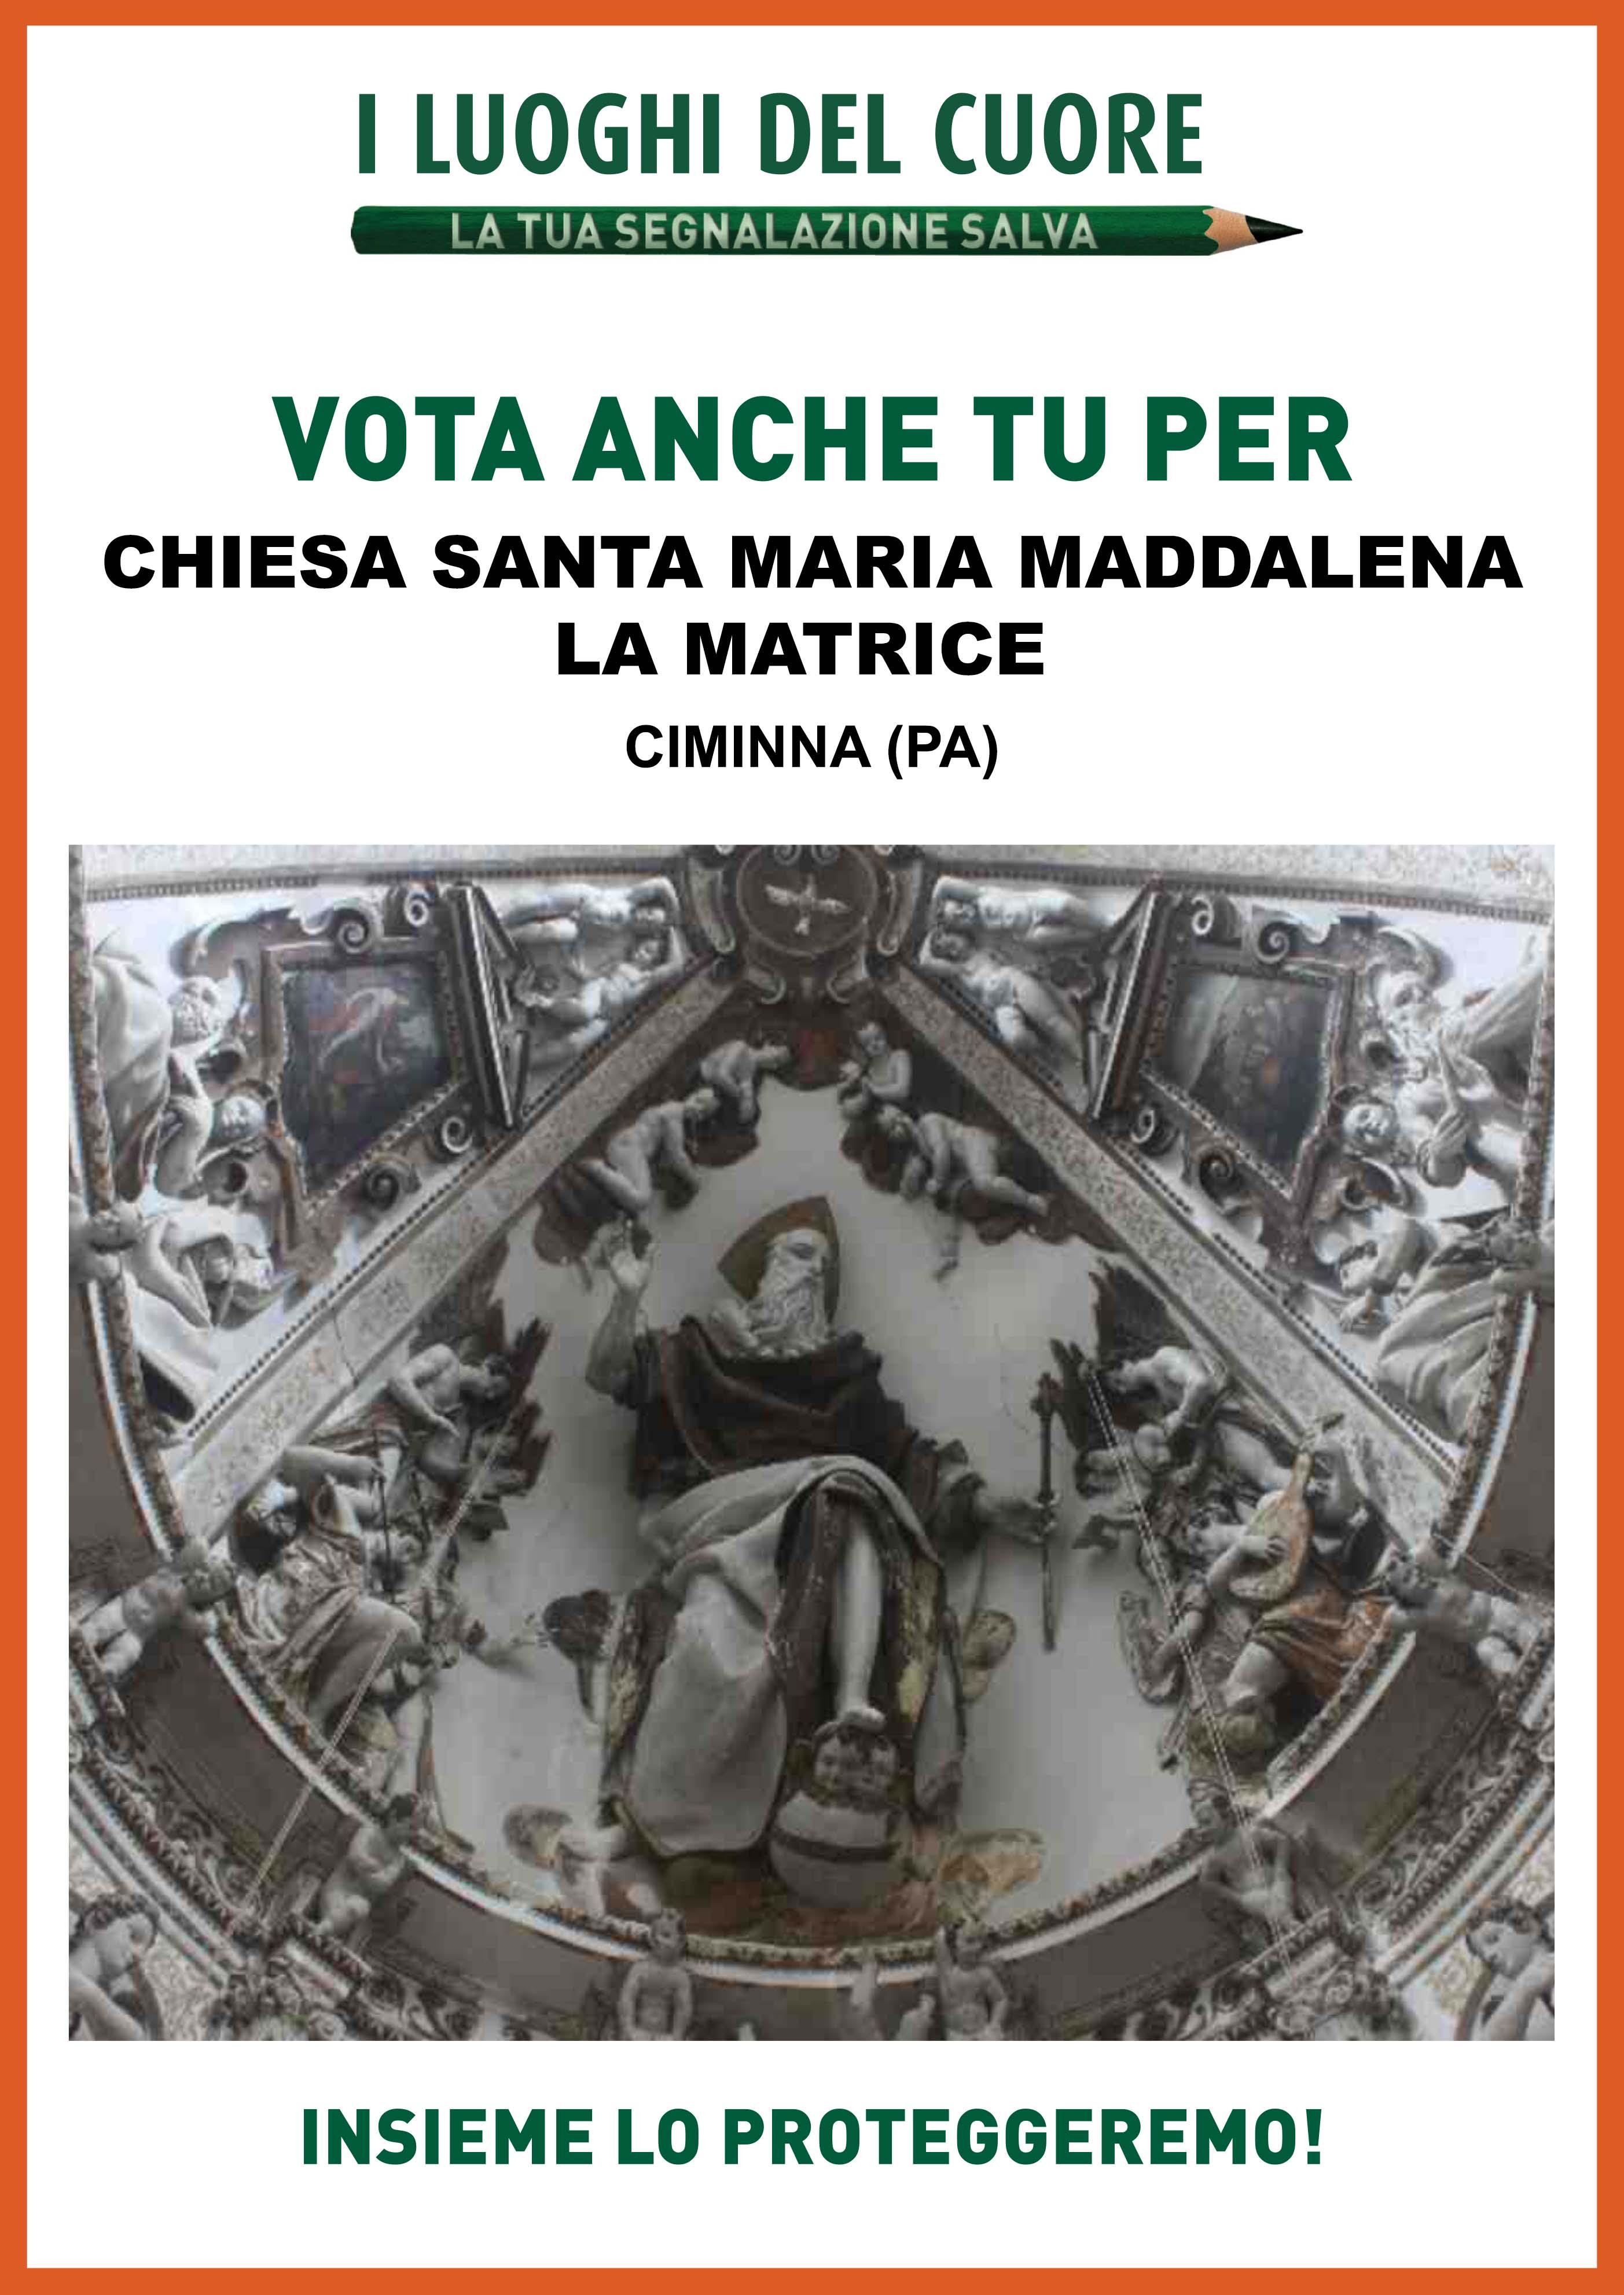 I luoghi del cuore. Firma anche tu per la Tribuna Maggiore della Chiesa Madre di Ciminna dedicata a Santa Maria Maddalena.